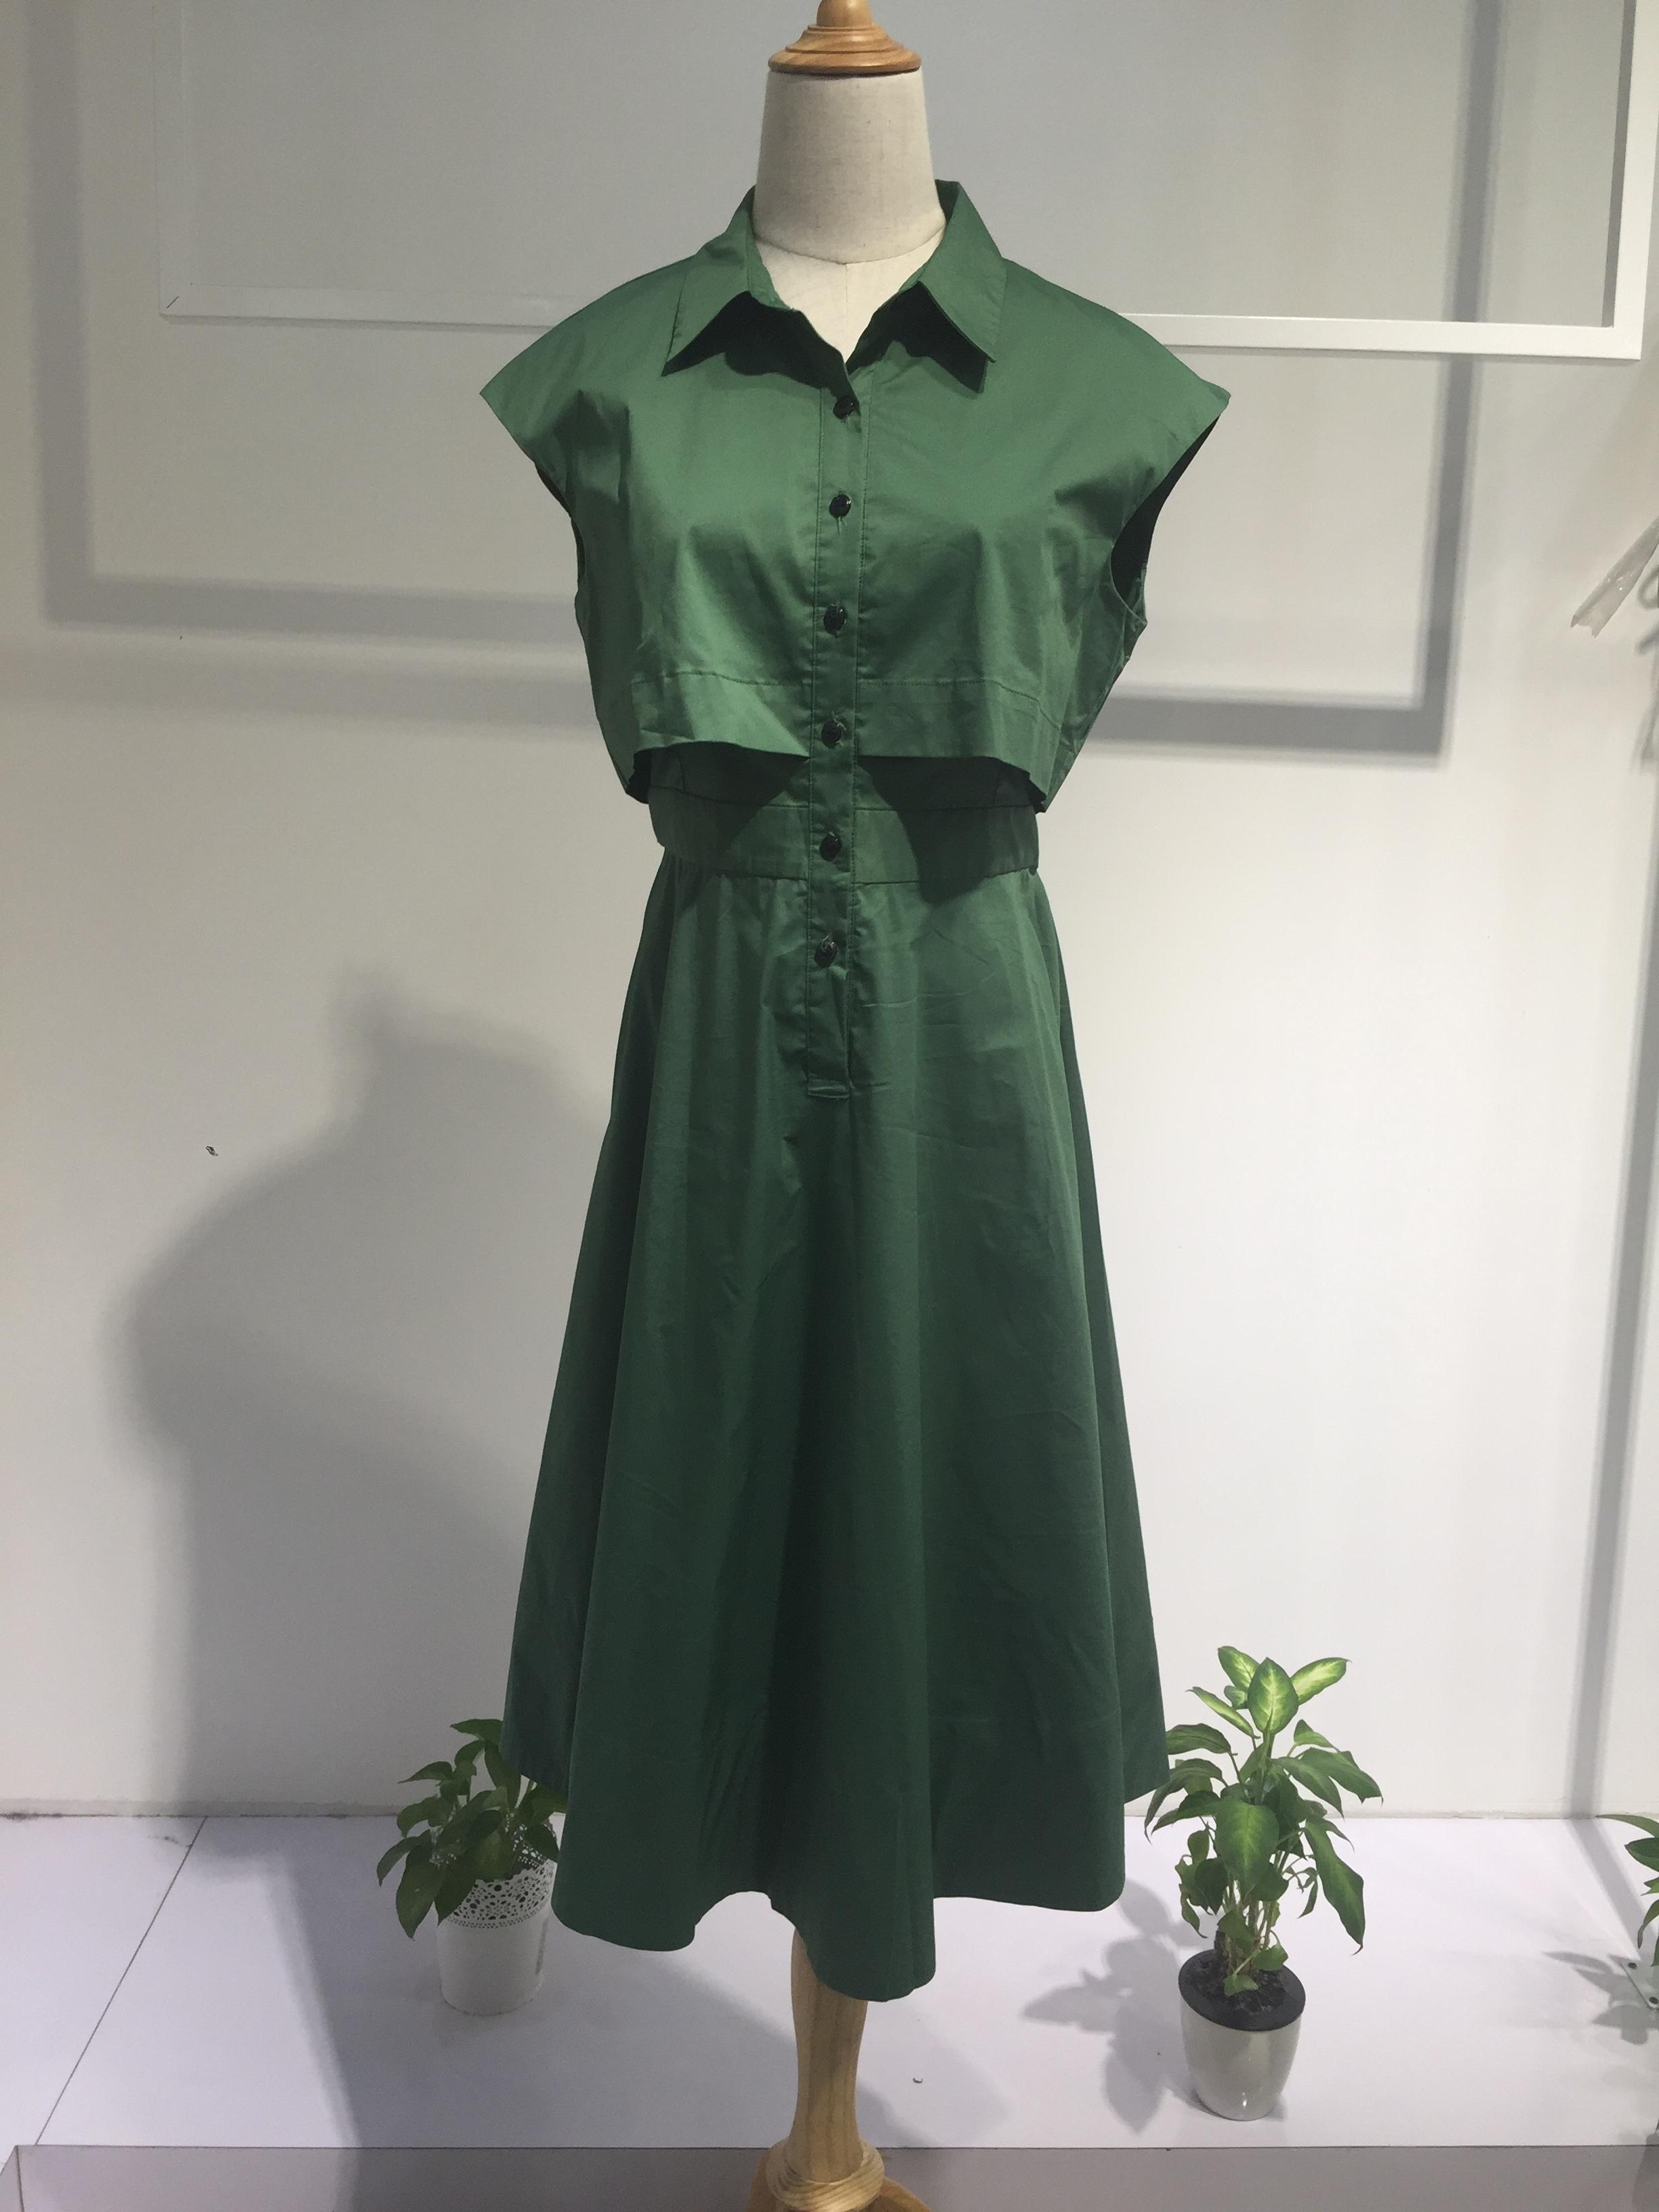 拉素18夏装 杭州一线品牌折扣女装批发